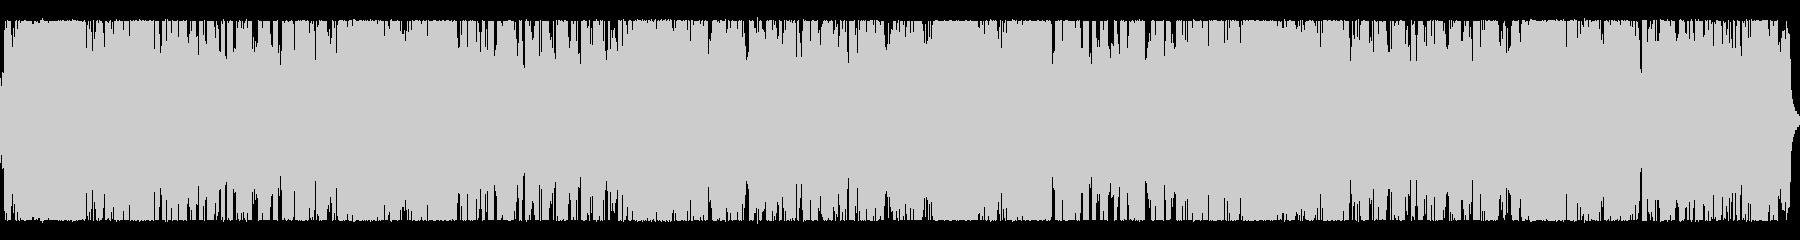 シリアスな雰囲気のシンセインストの未再生の波形